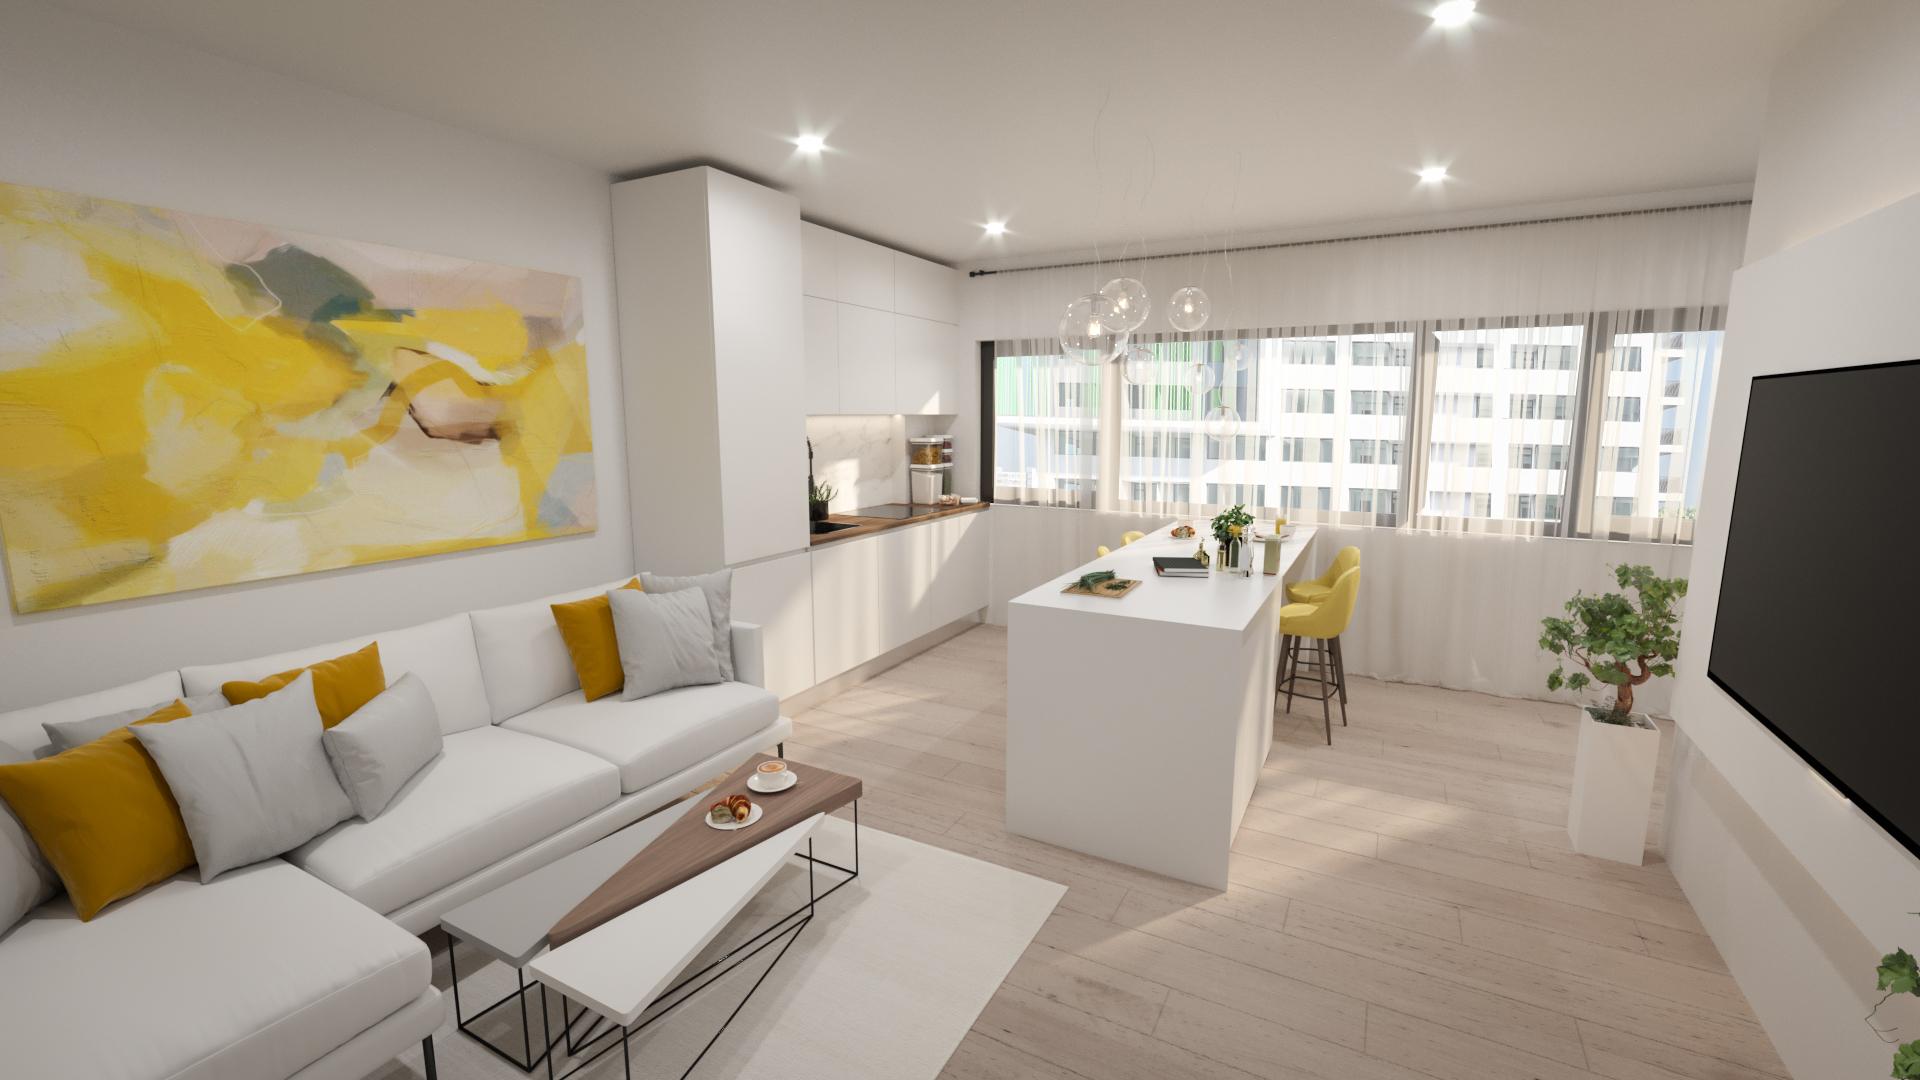 apartamenttipstudio-cu-stil-1c3